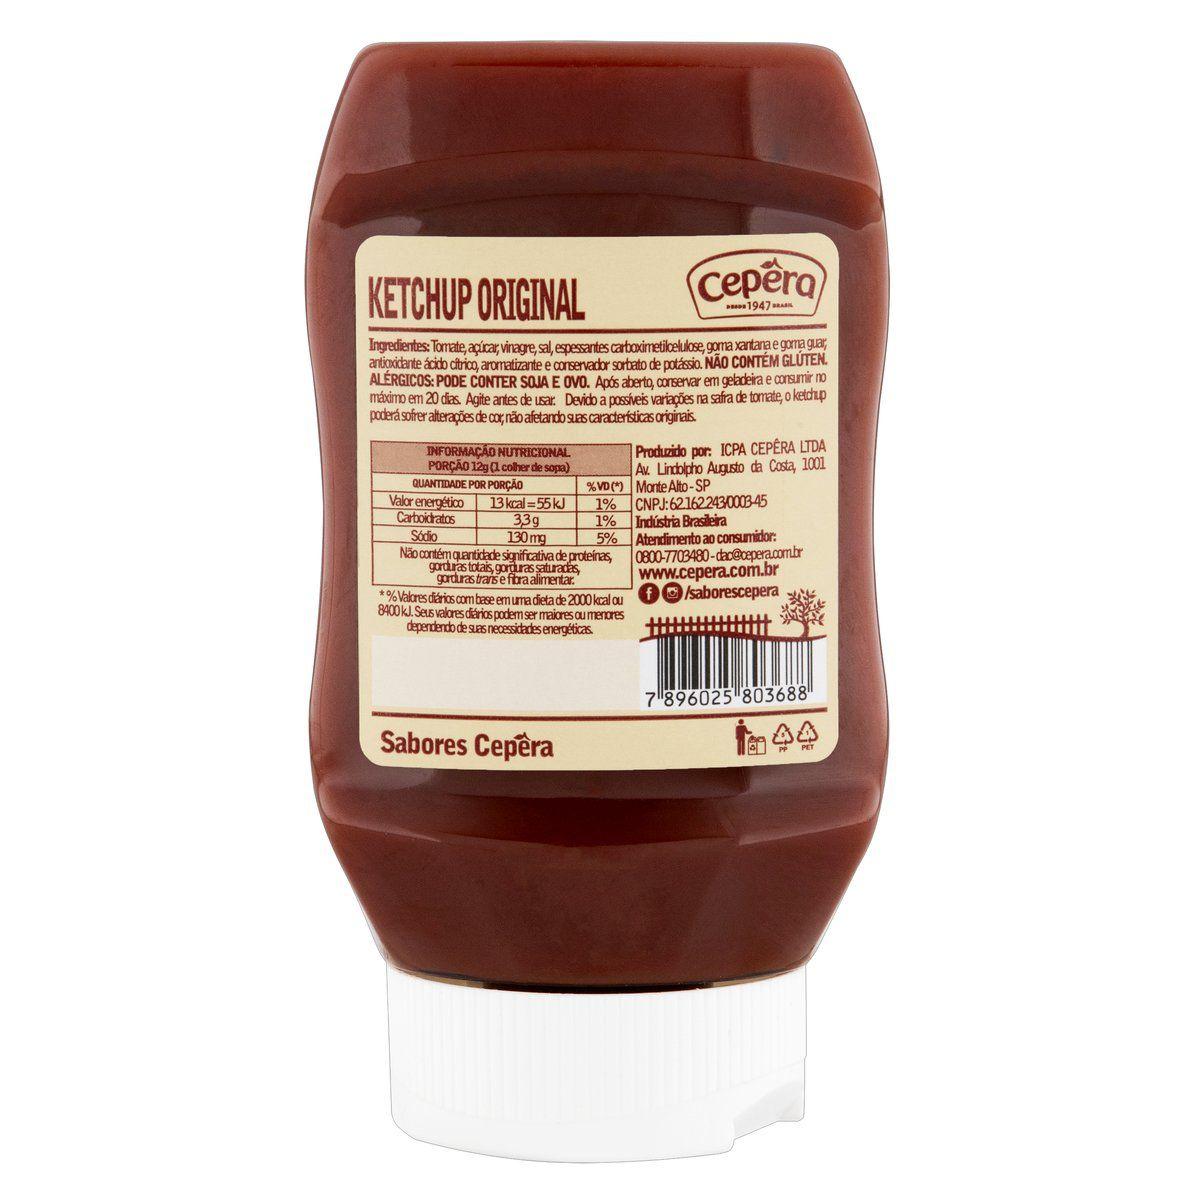 Ketchup Original 400g